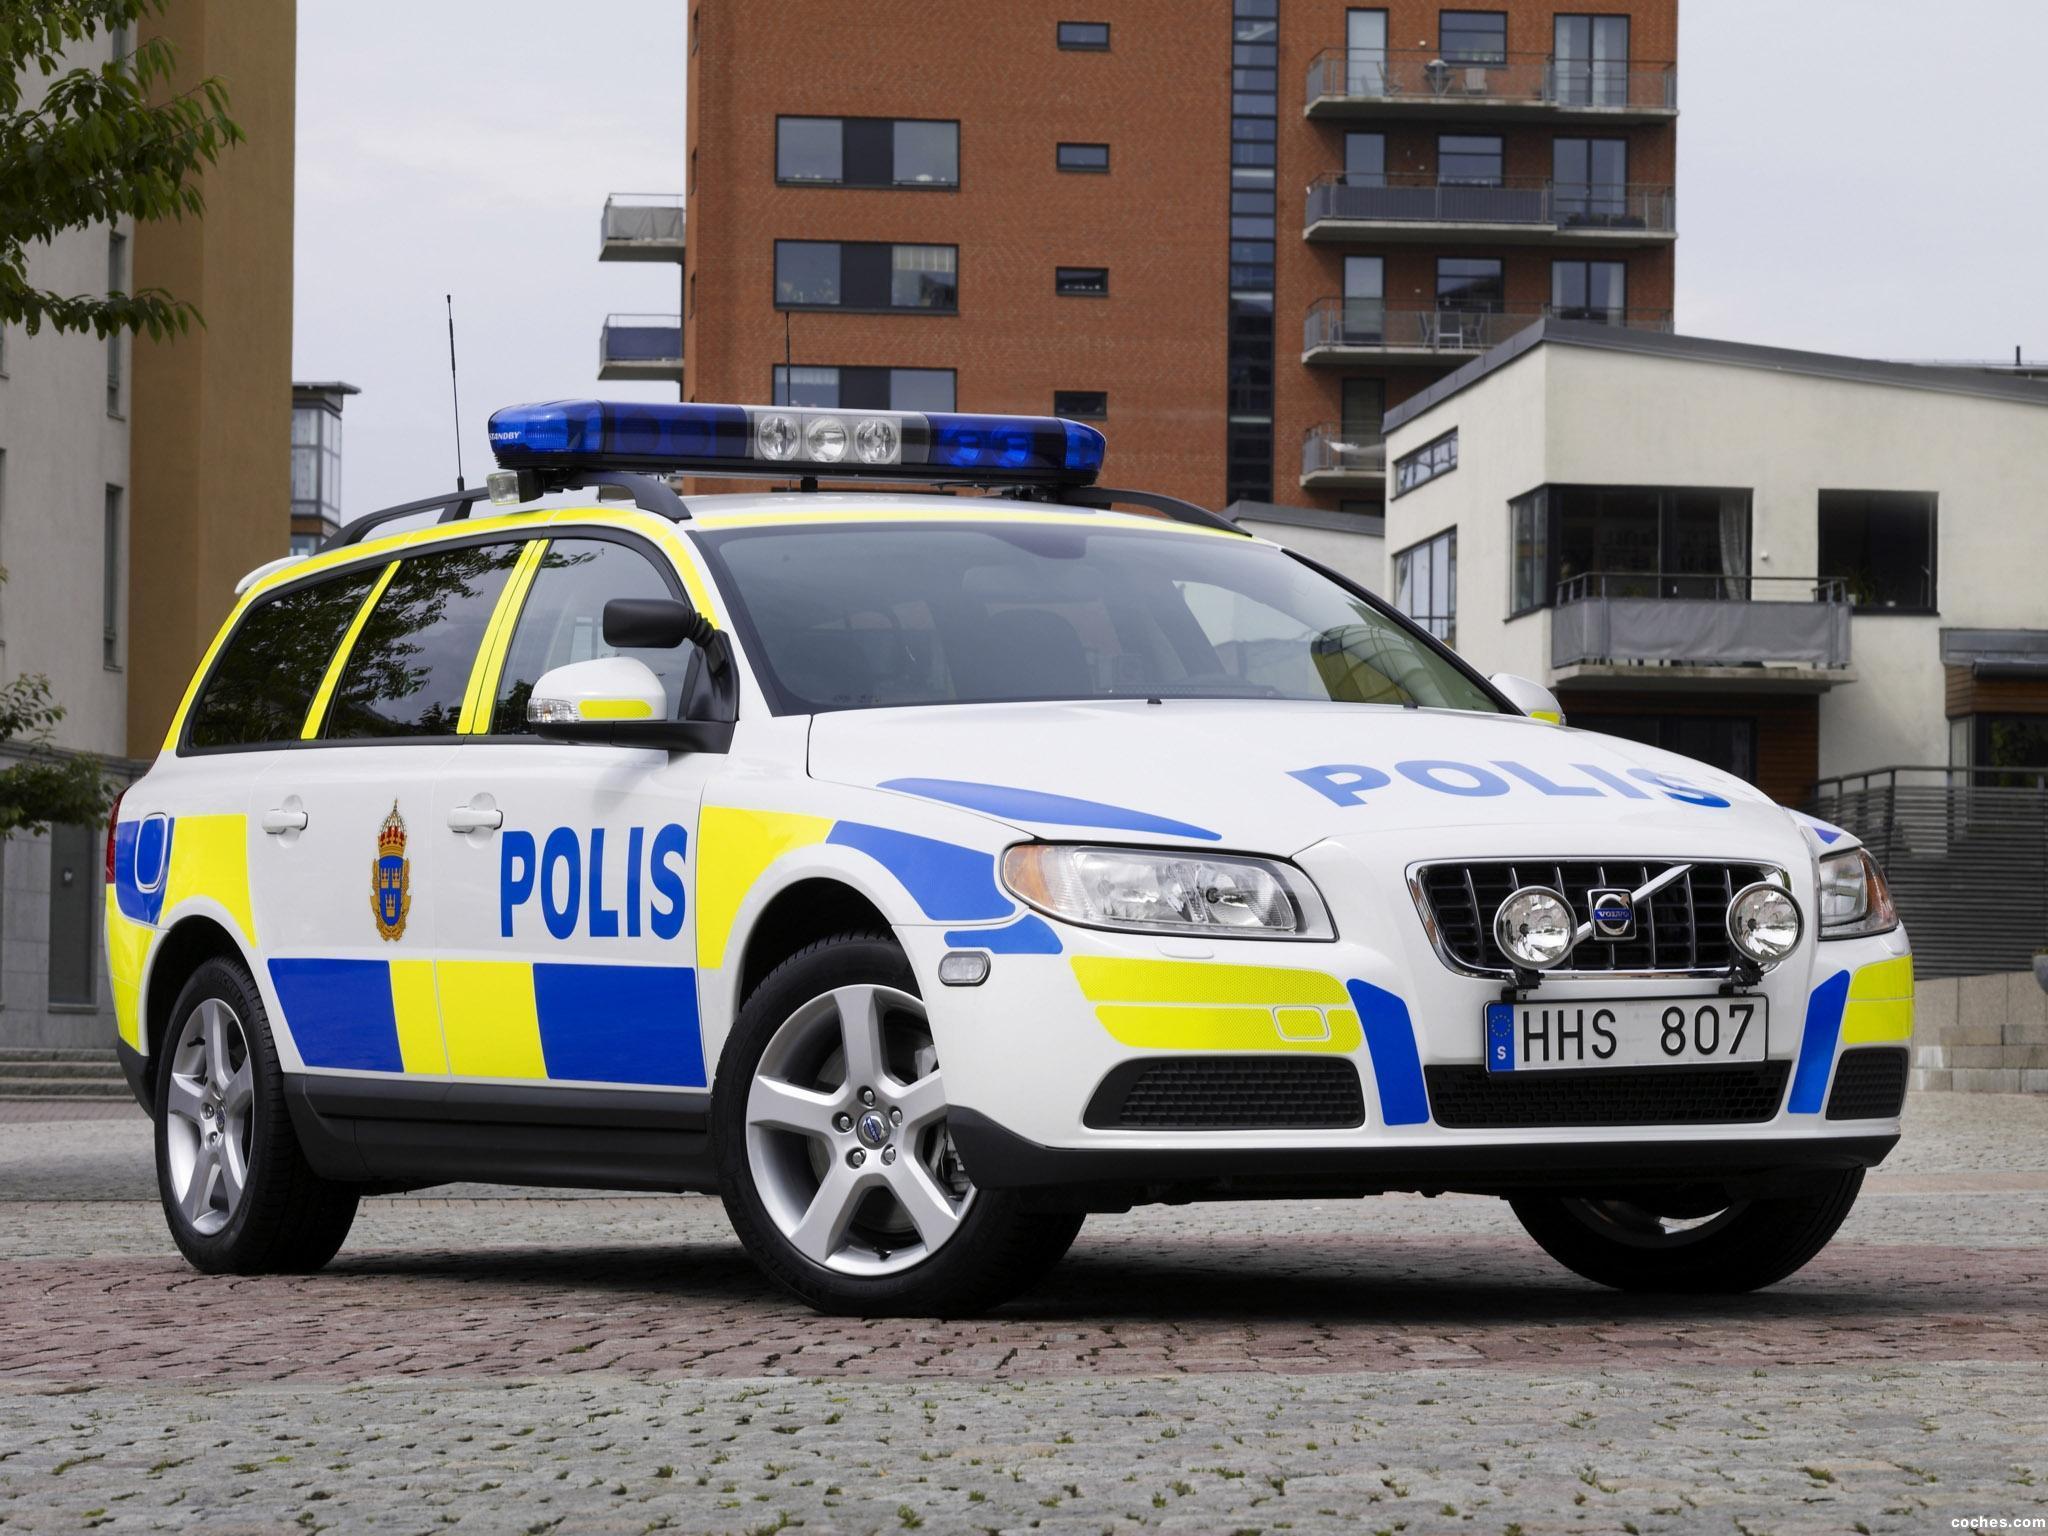 Foto 0 de Volvo V70 Police Car 2007